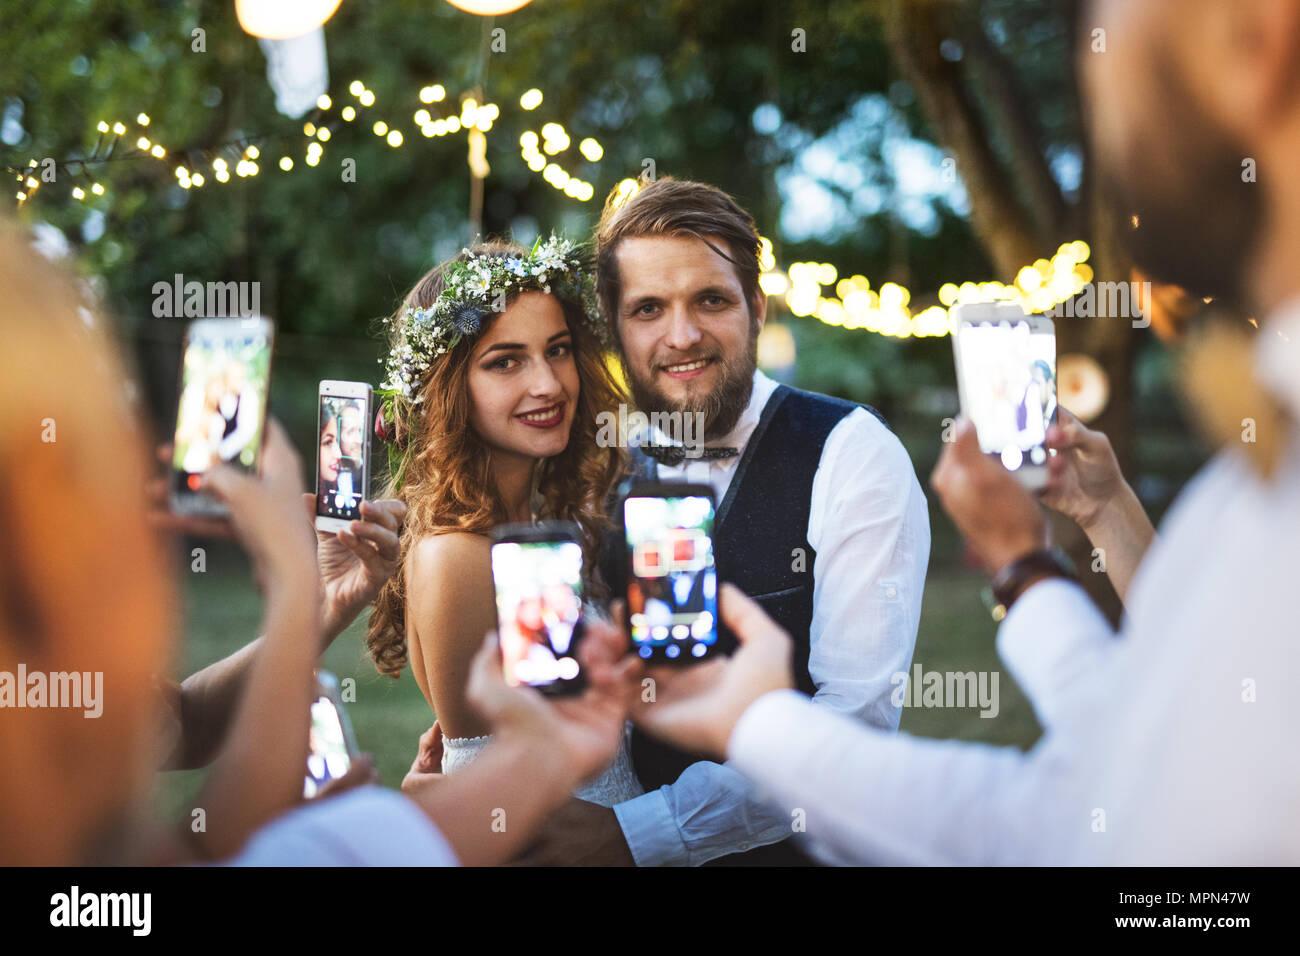 Gäste mit Smartphones unter Foto von Braut und Bräutigam bei der Hochzeit außerhalb. Stockbild